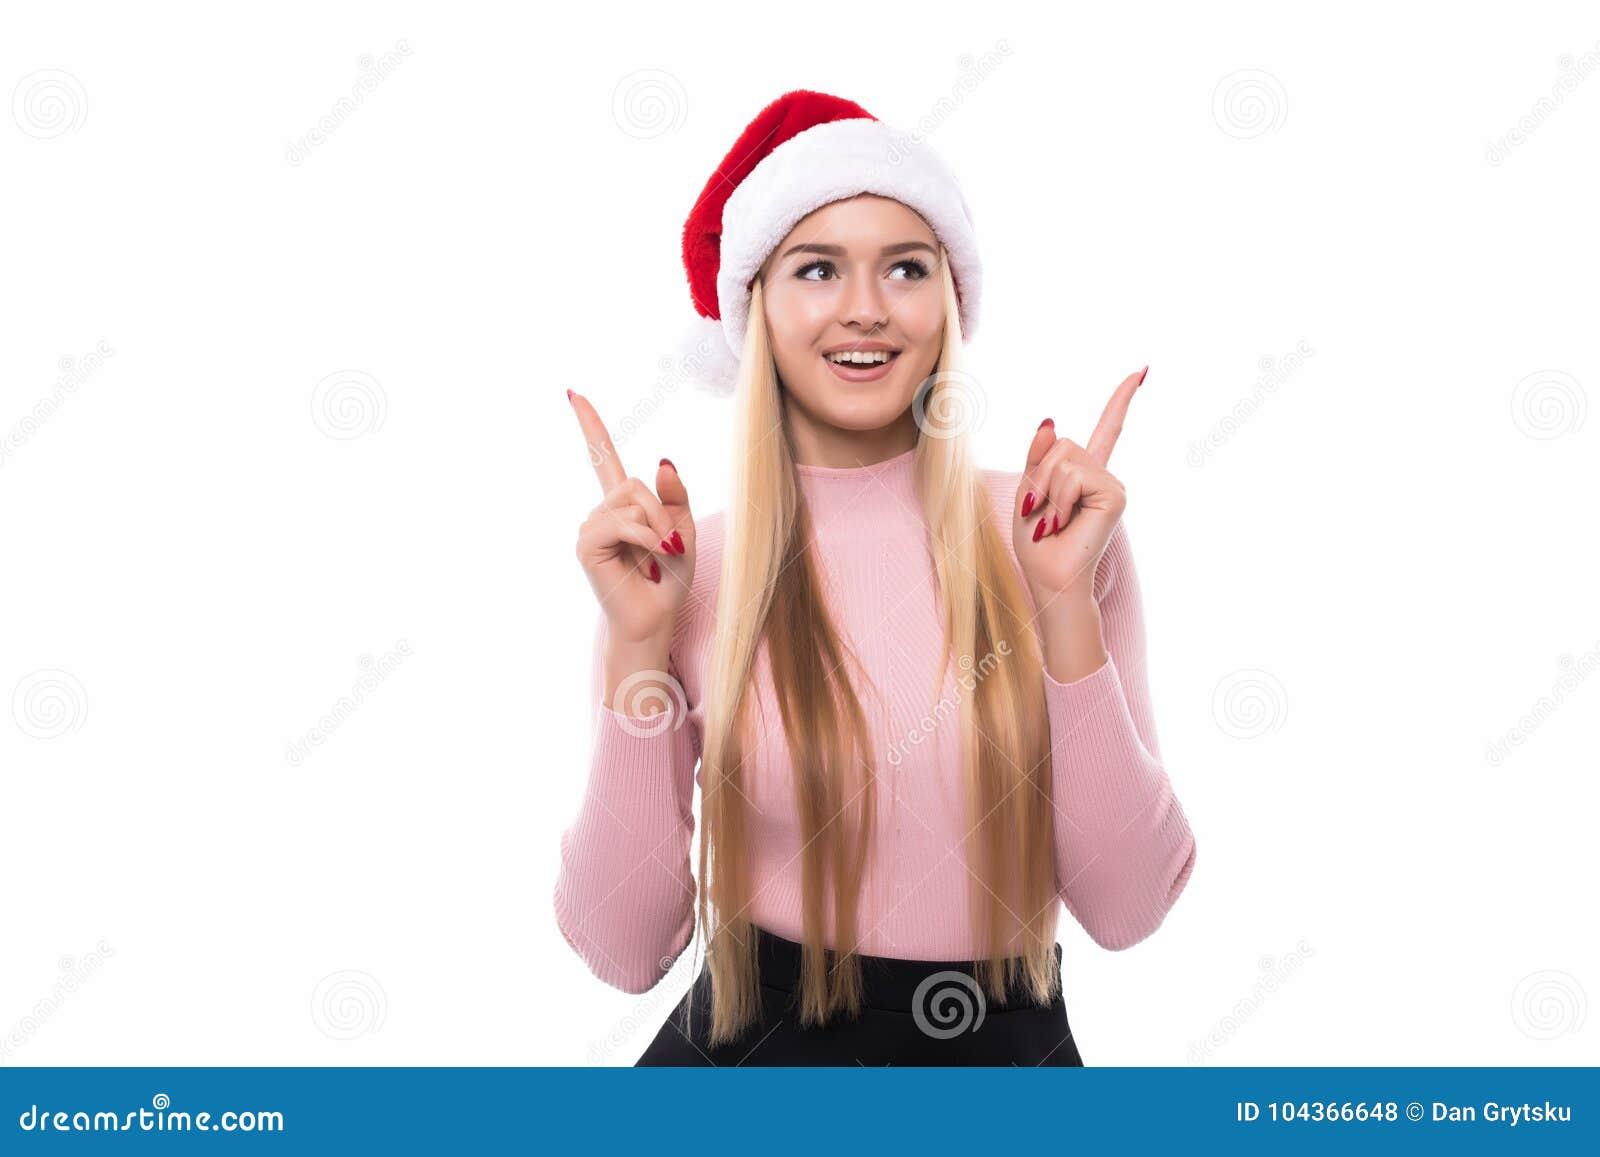 904d53f37c39 Retrato de la mujer bonita alegre en el sombrero rojo de Papá Noel aislado  en el